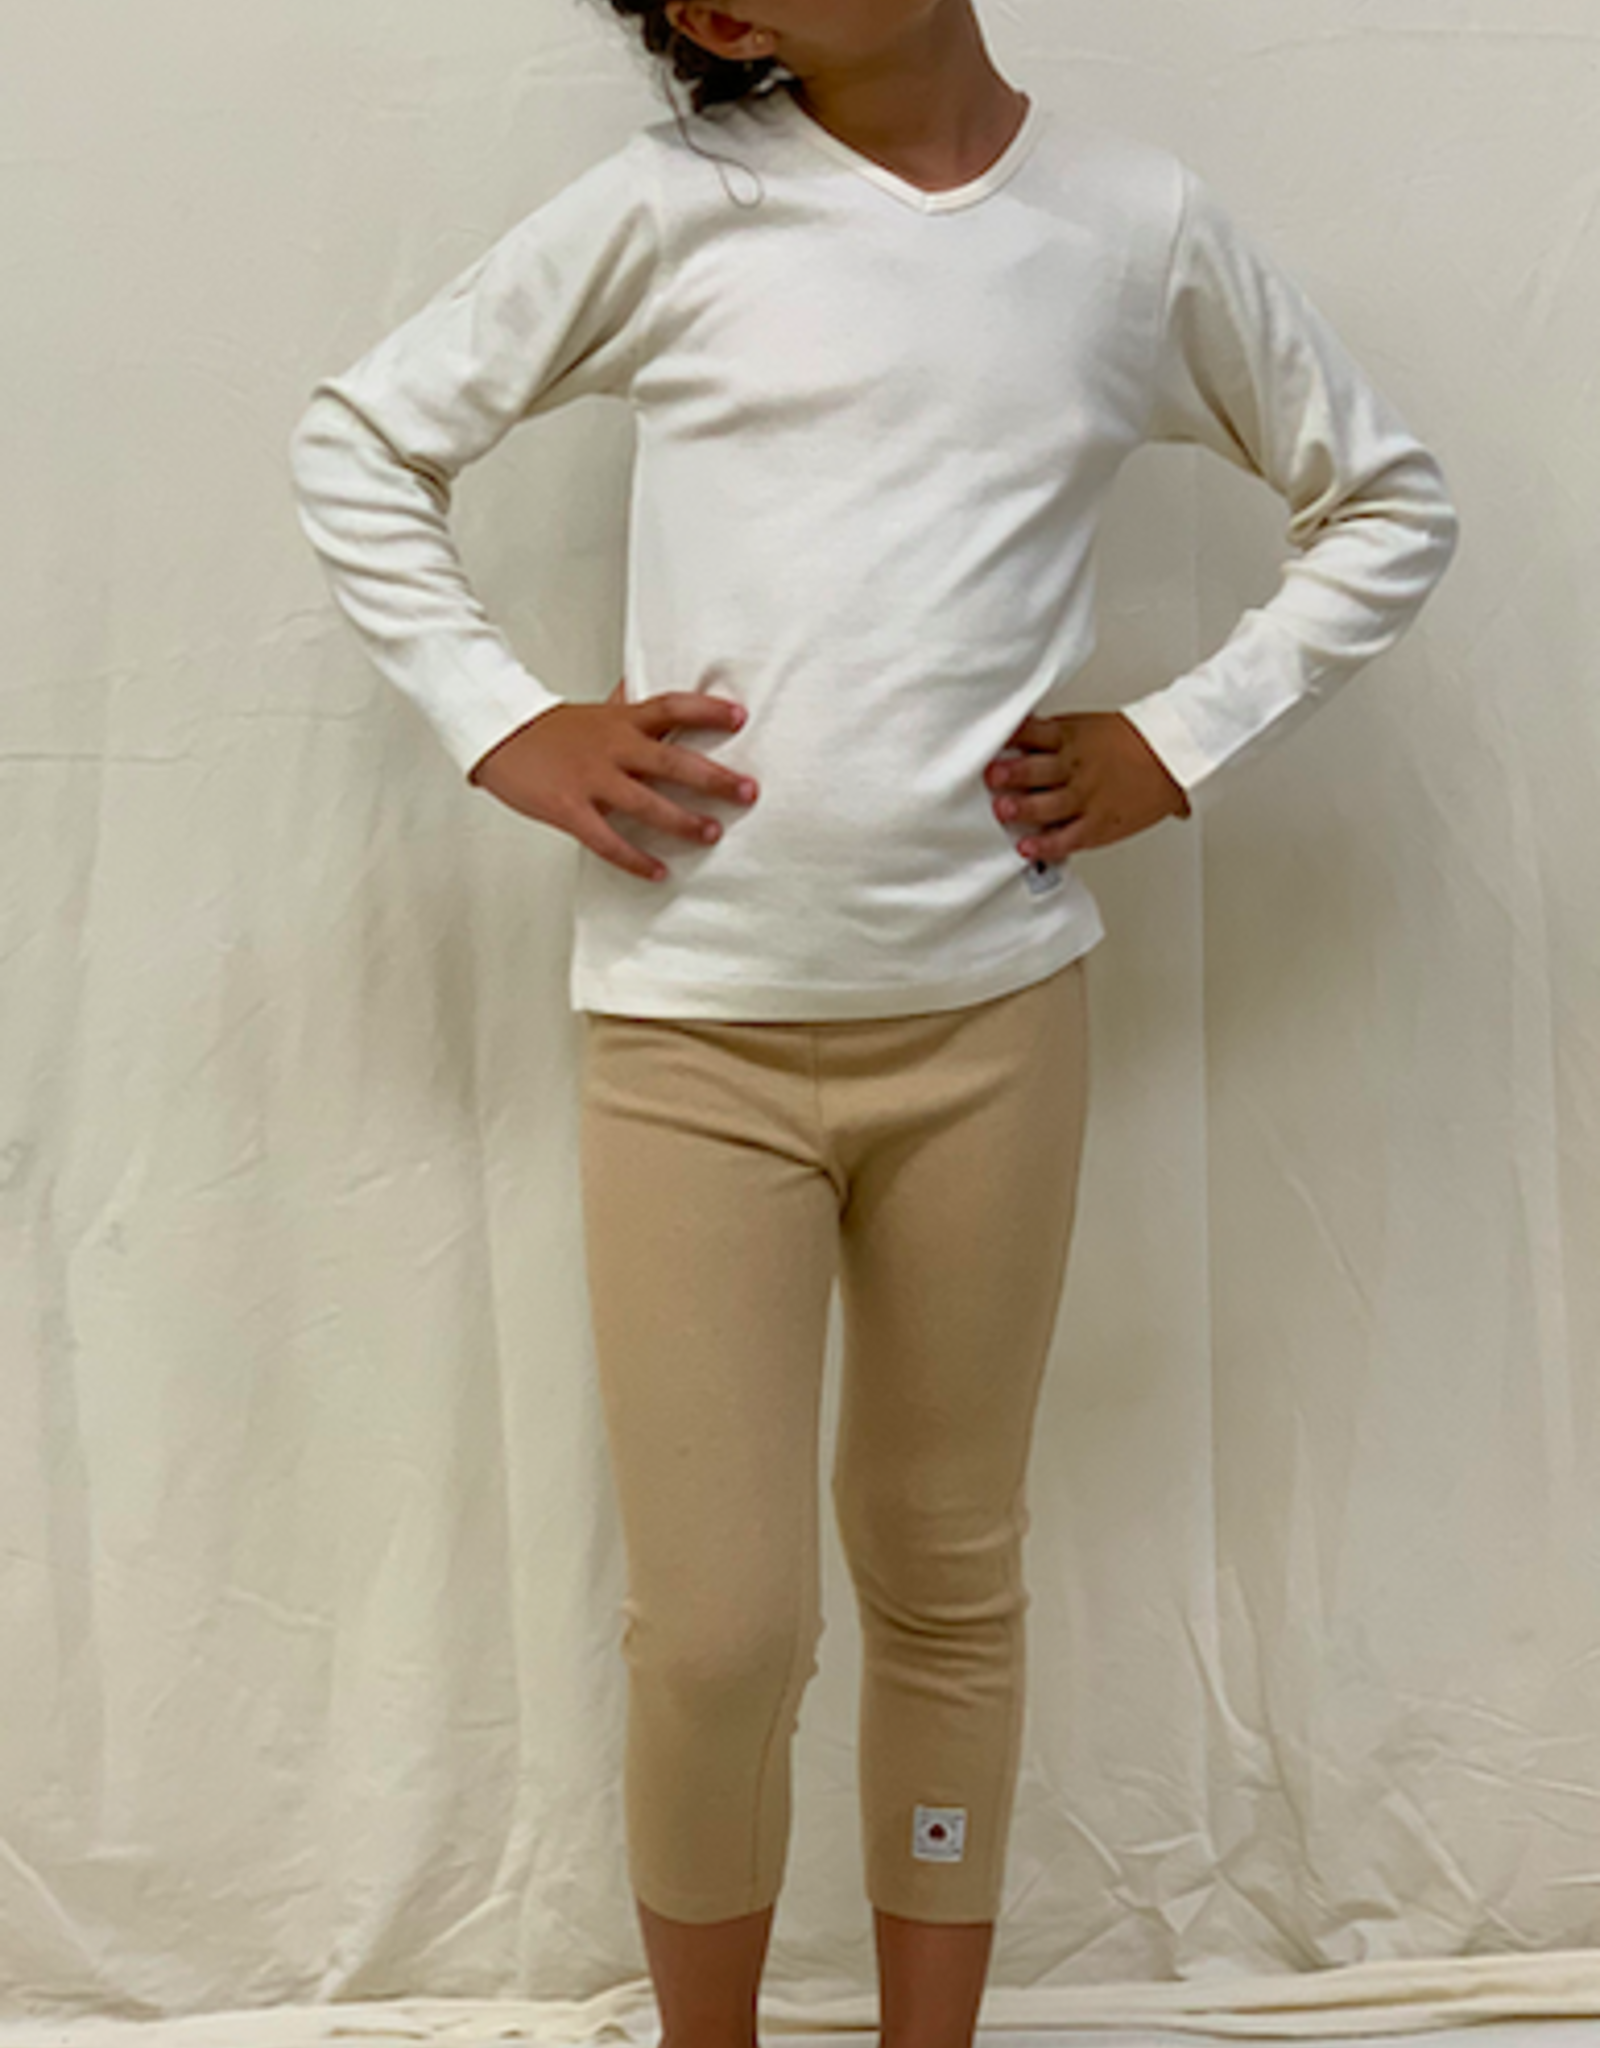 Camiseta junior de manga larga con cuello de pico. Tallas 2, 4, 6 años.